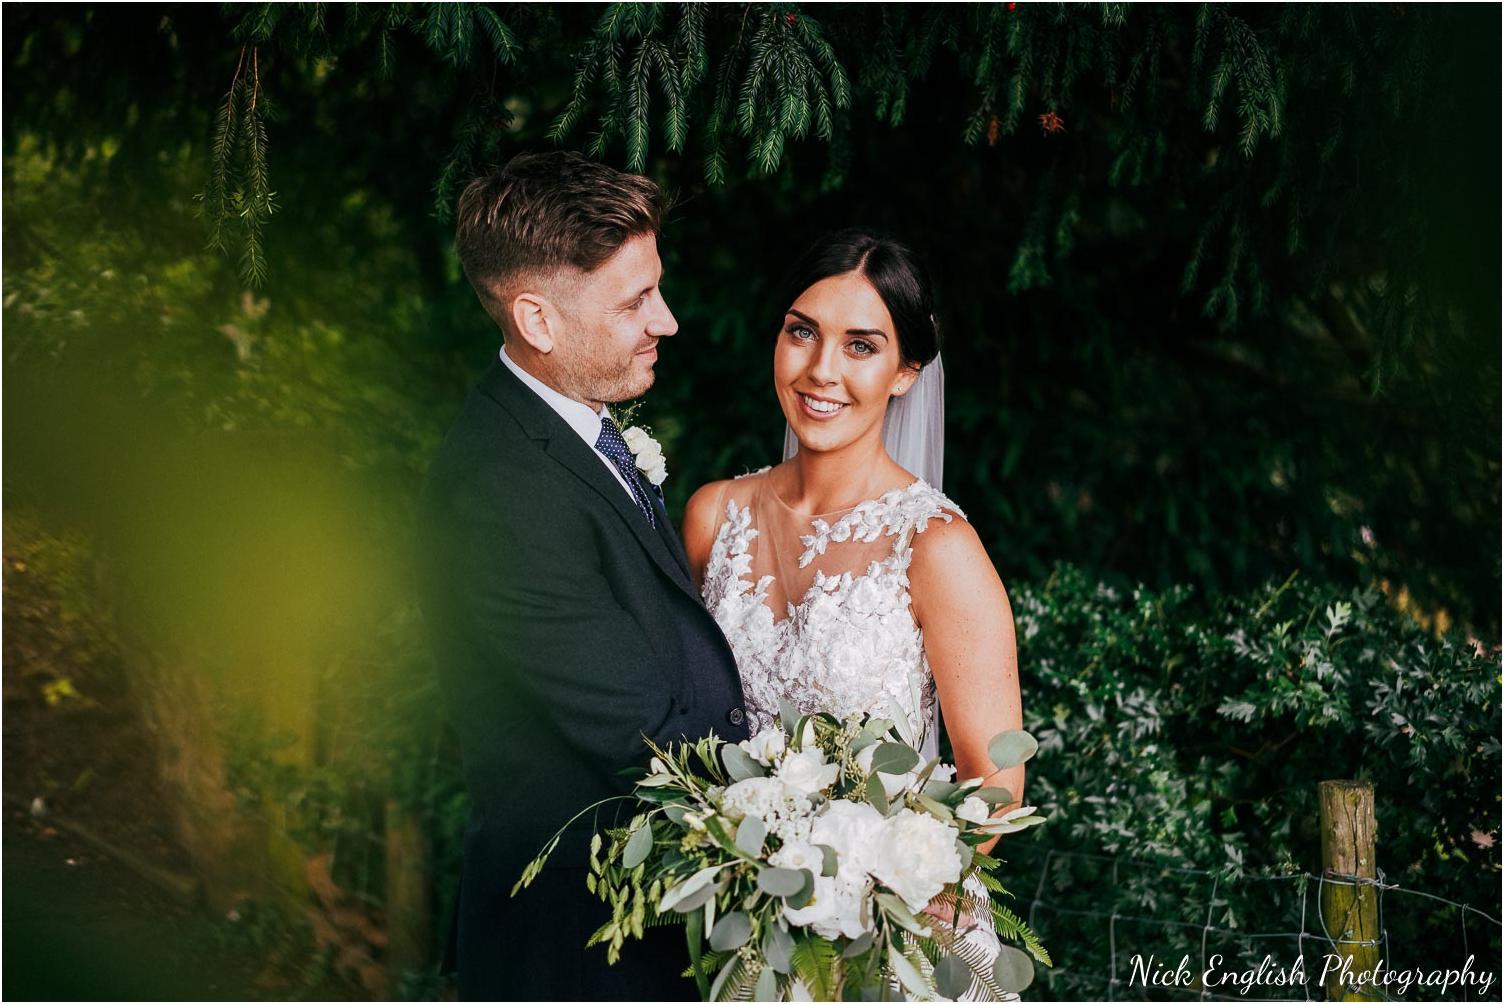 Browsholme_Hall_Barn_Wedding_Nick_English_Photography-66.jpg